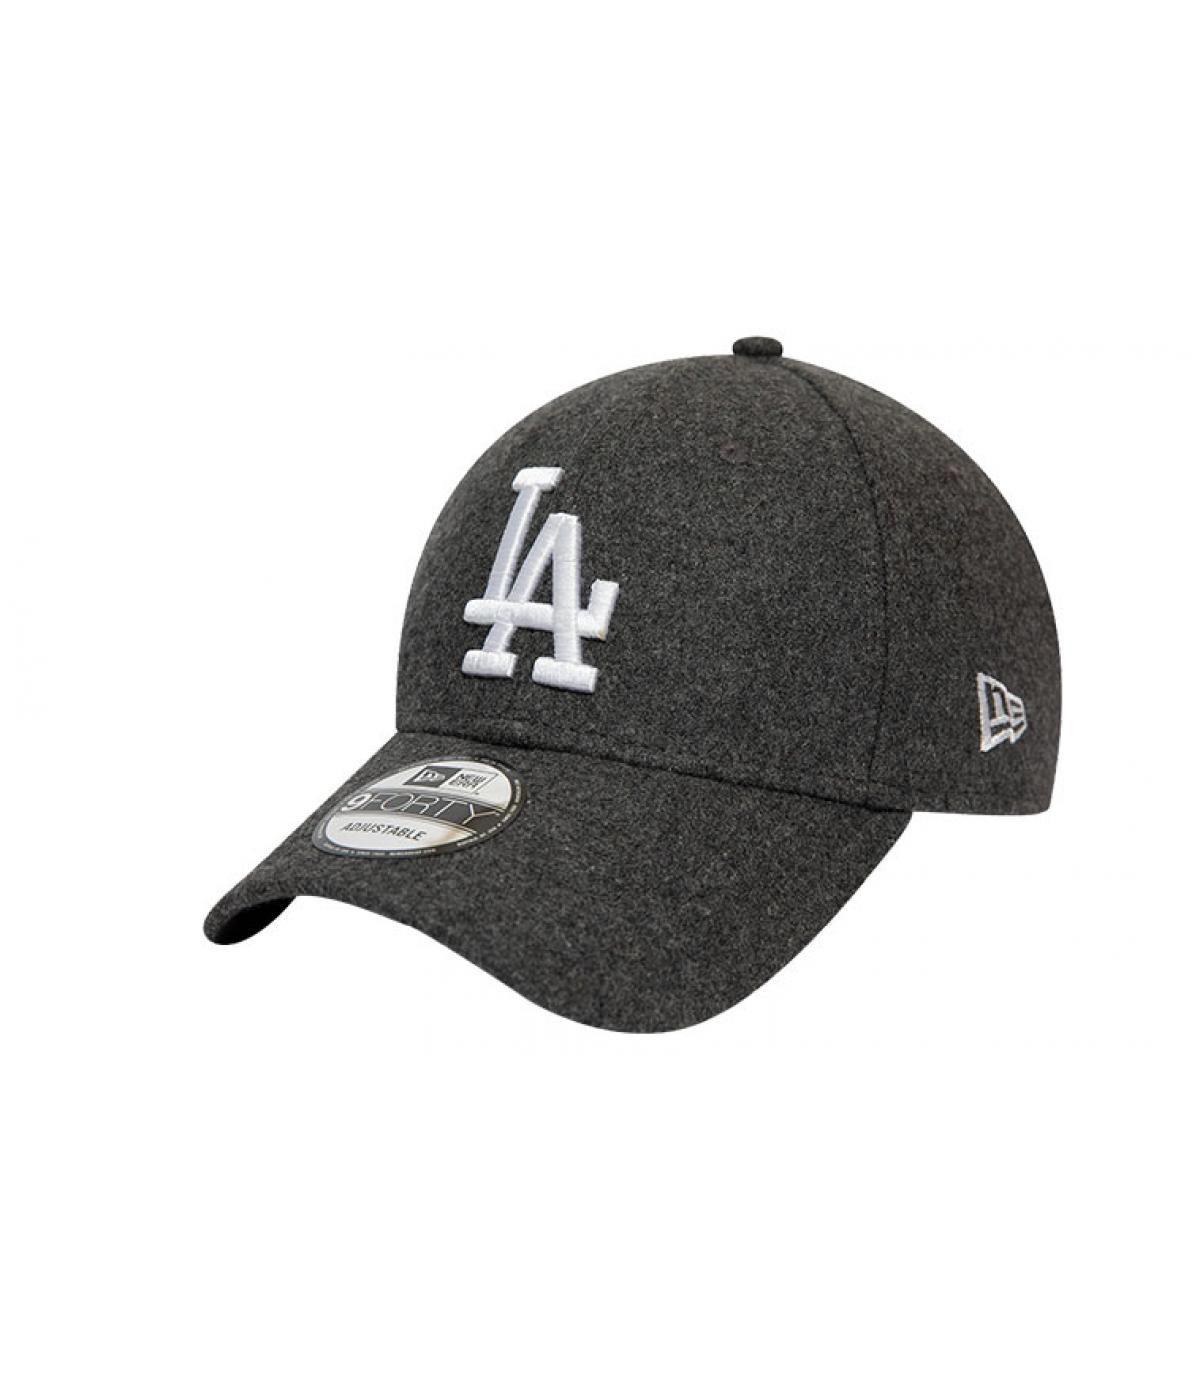 Détails Casquette MLB Melton LA 940 graphite - image 2